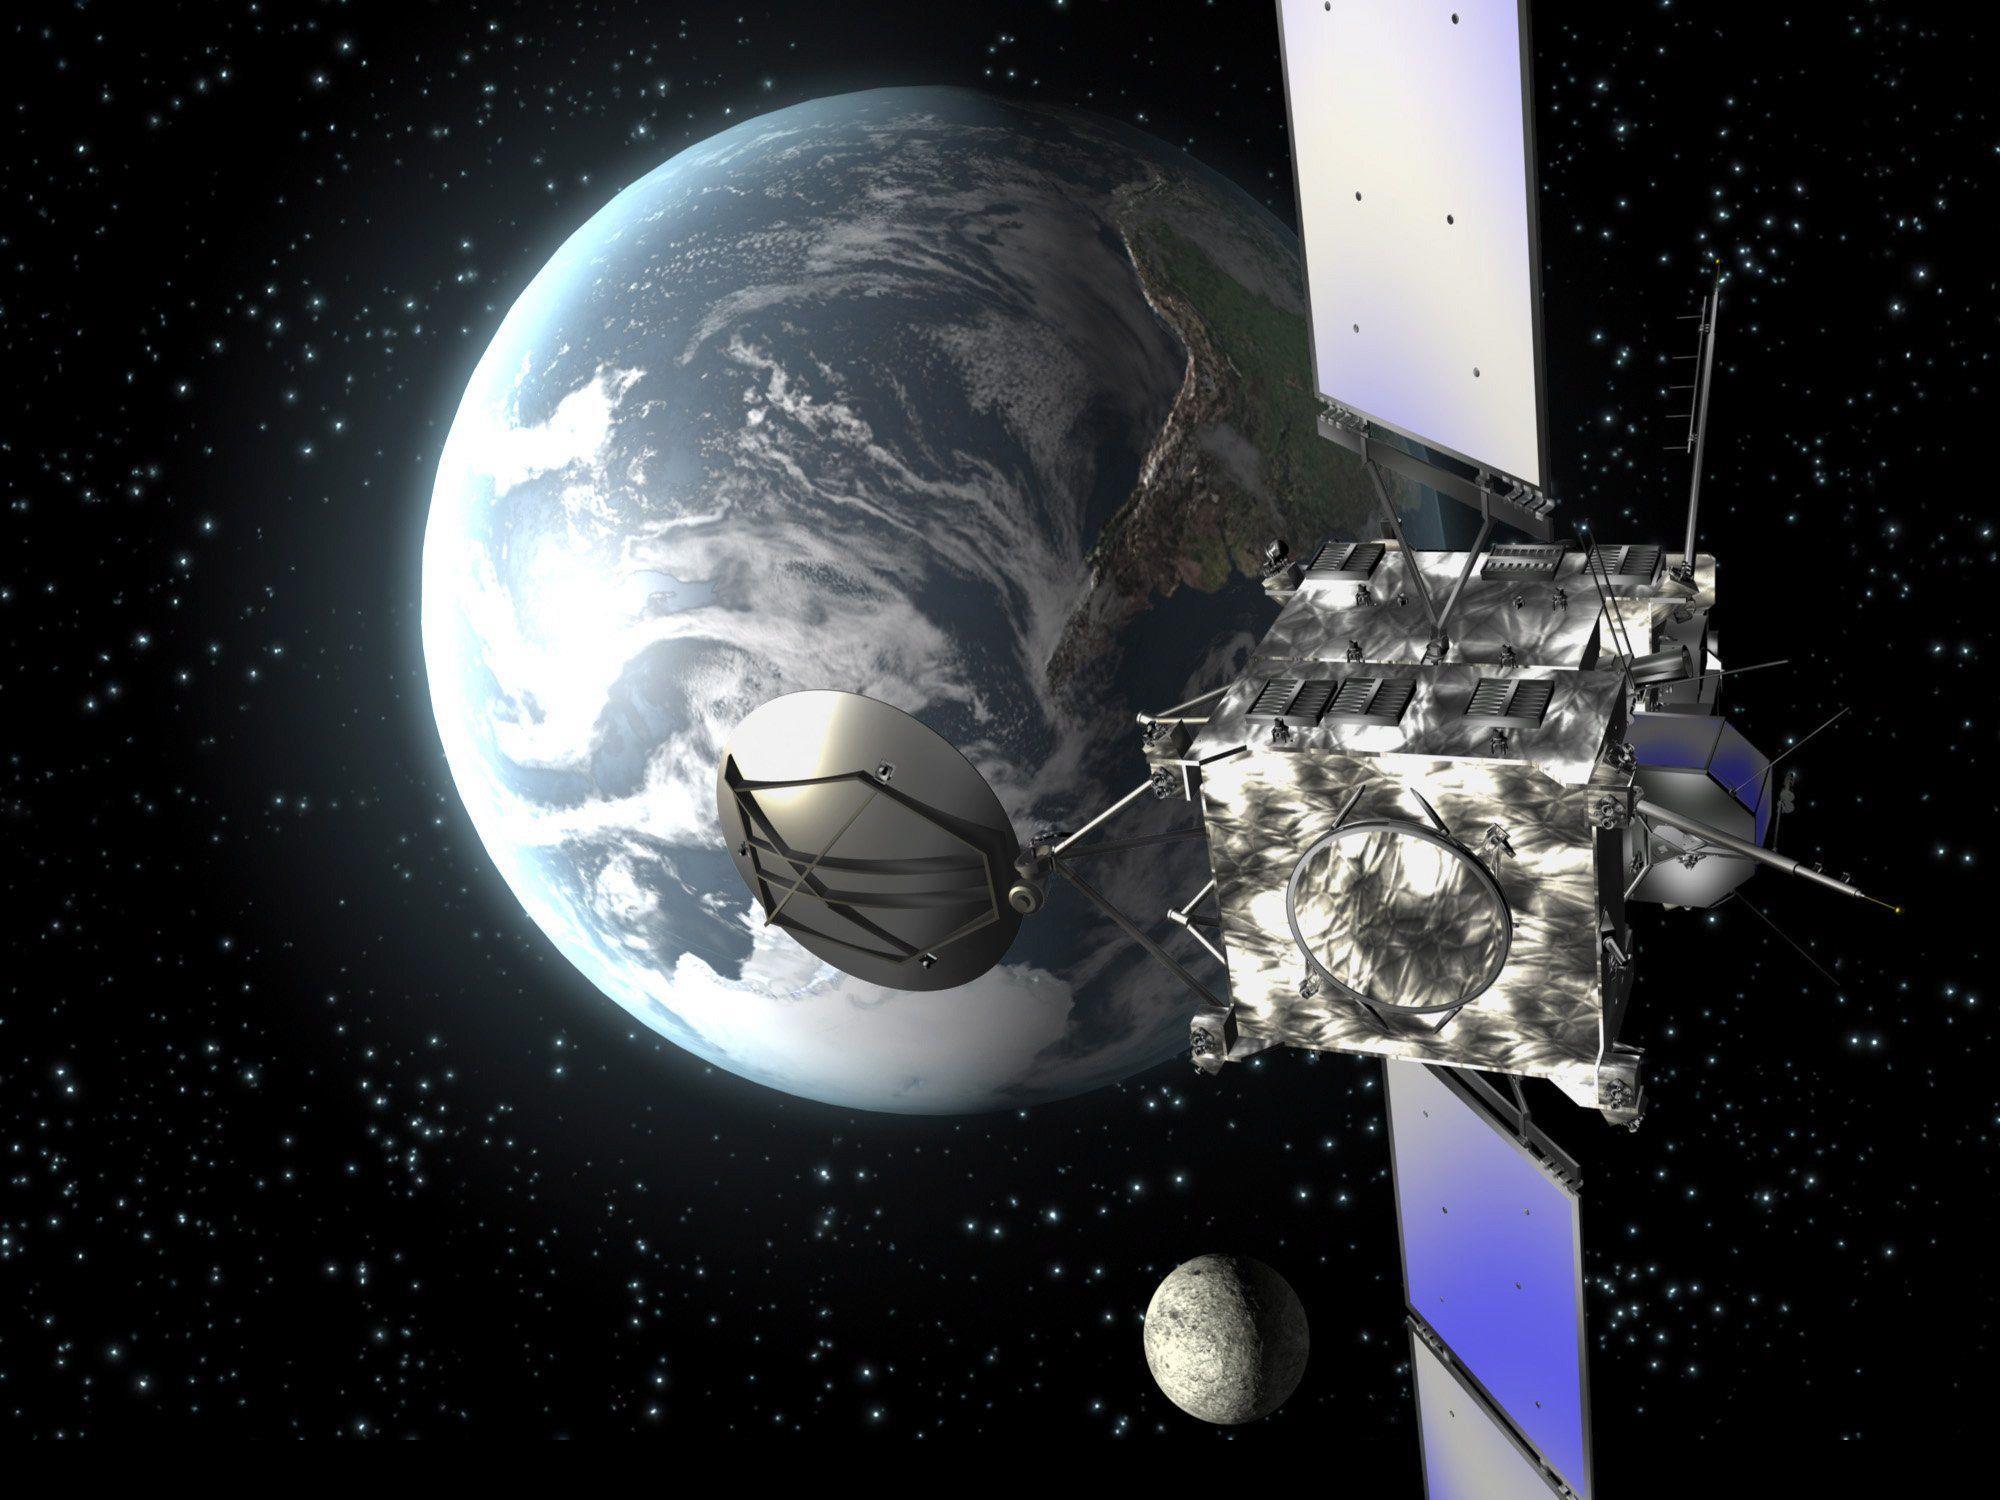 """Raumsonde """"Rosetta"""": Nach zehn Jahren steht Kometen-Mission vor entscheidender Phase"""